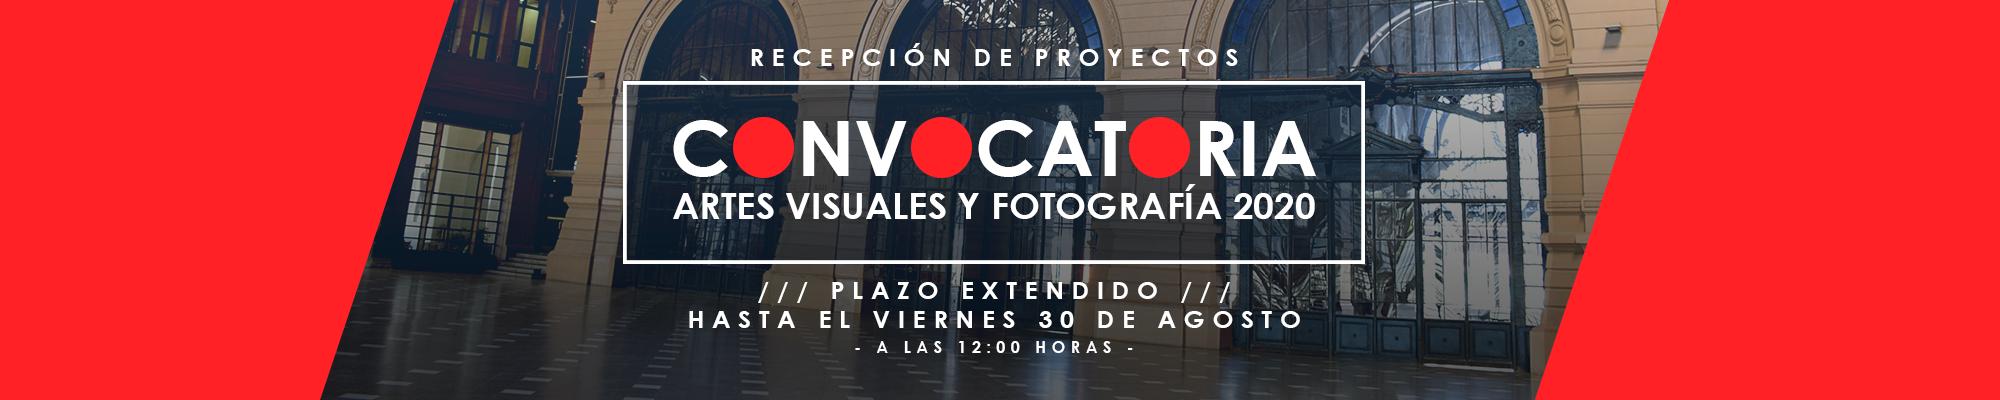 Convocatoria Fotografía y Artes Visuales 2020